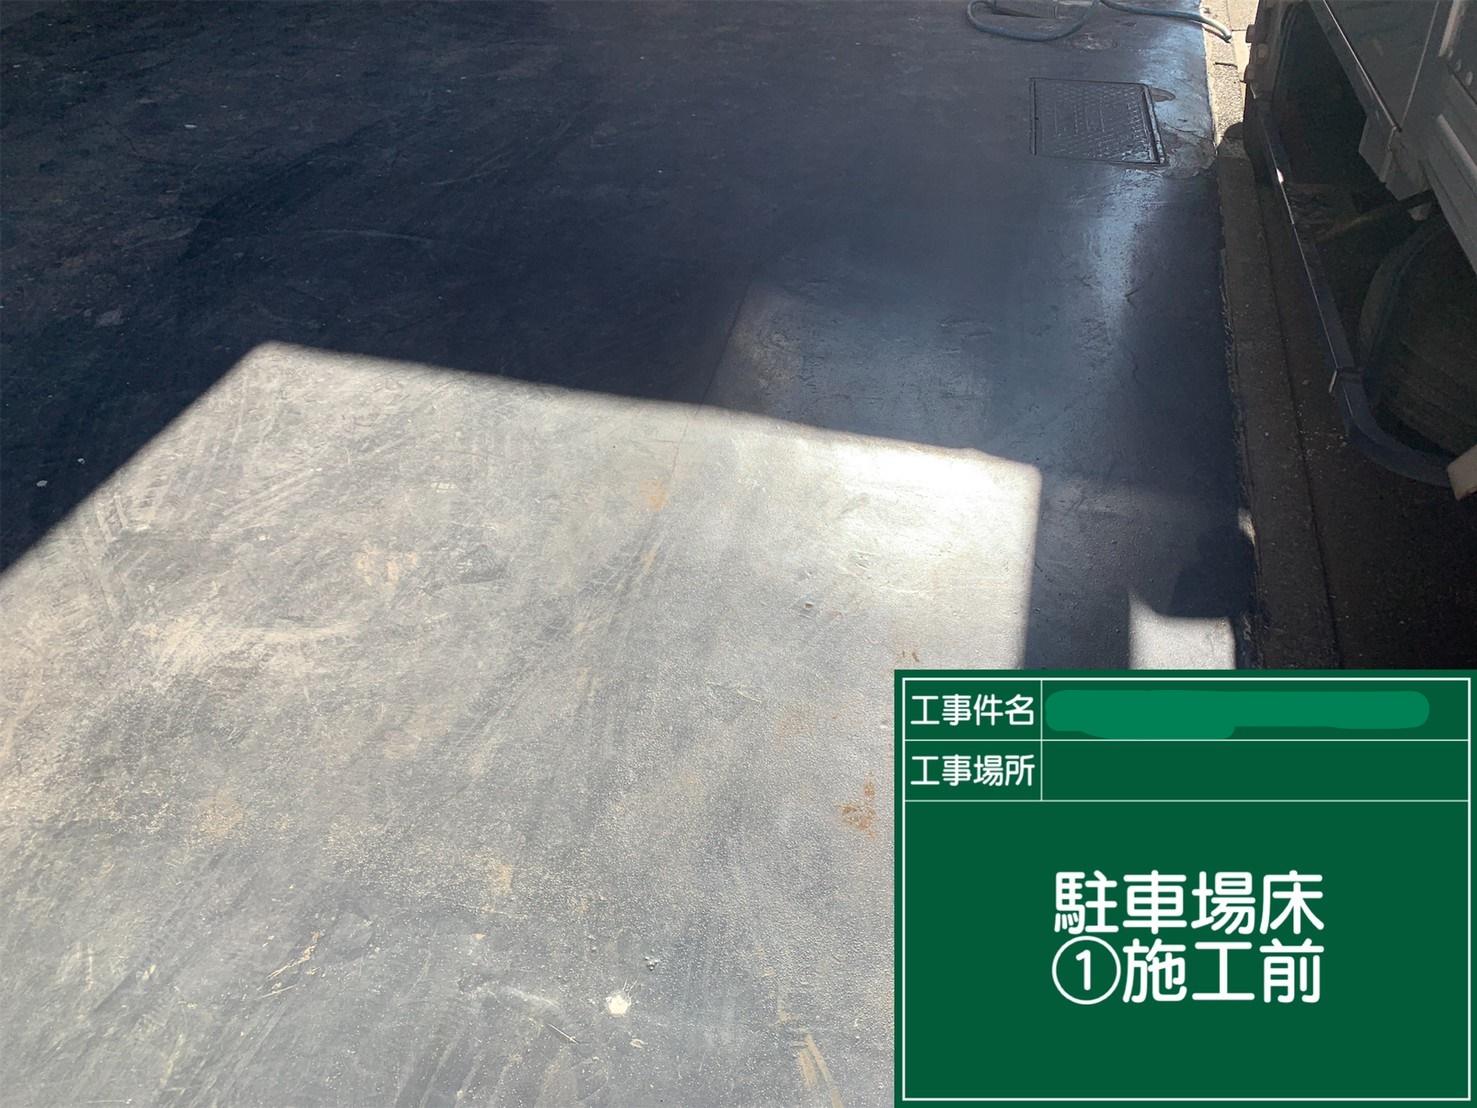 ①【駐車場床】施工前